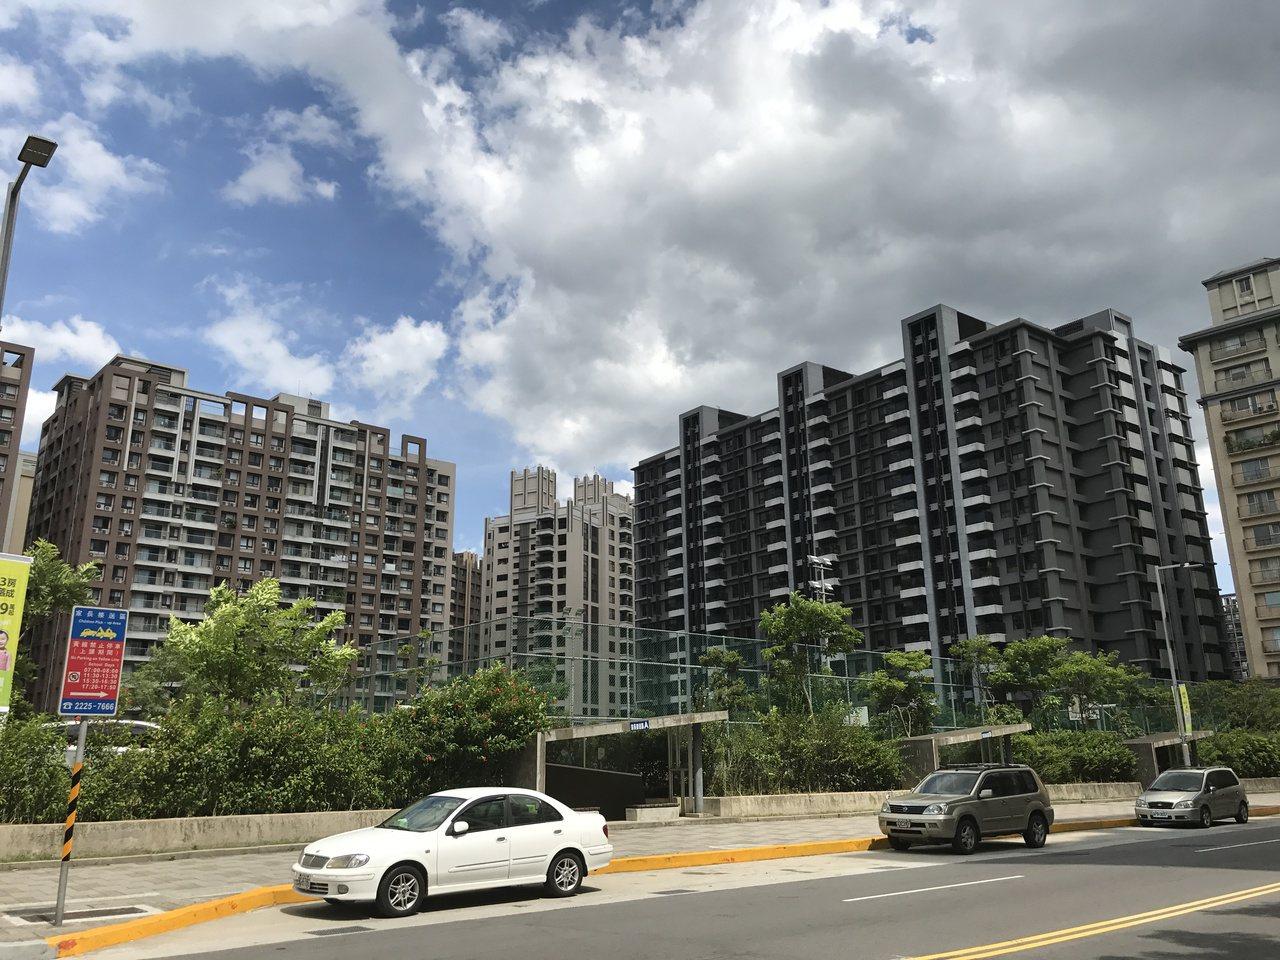 網友在Ptt發文問說,幾年後房東會跪求老人租房,引發熱烈討論。記者游智文/攝影